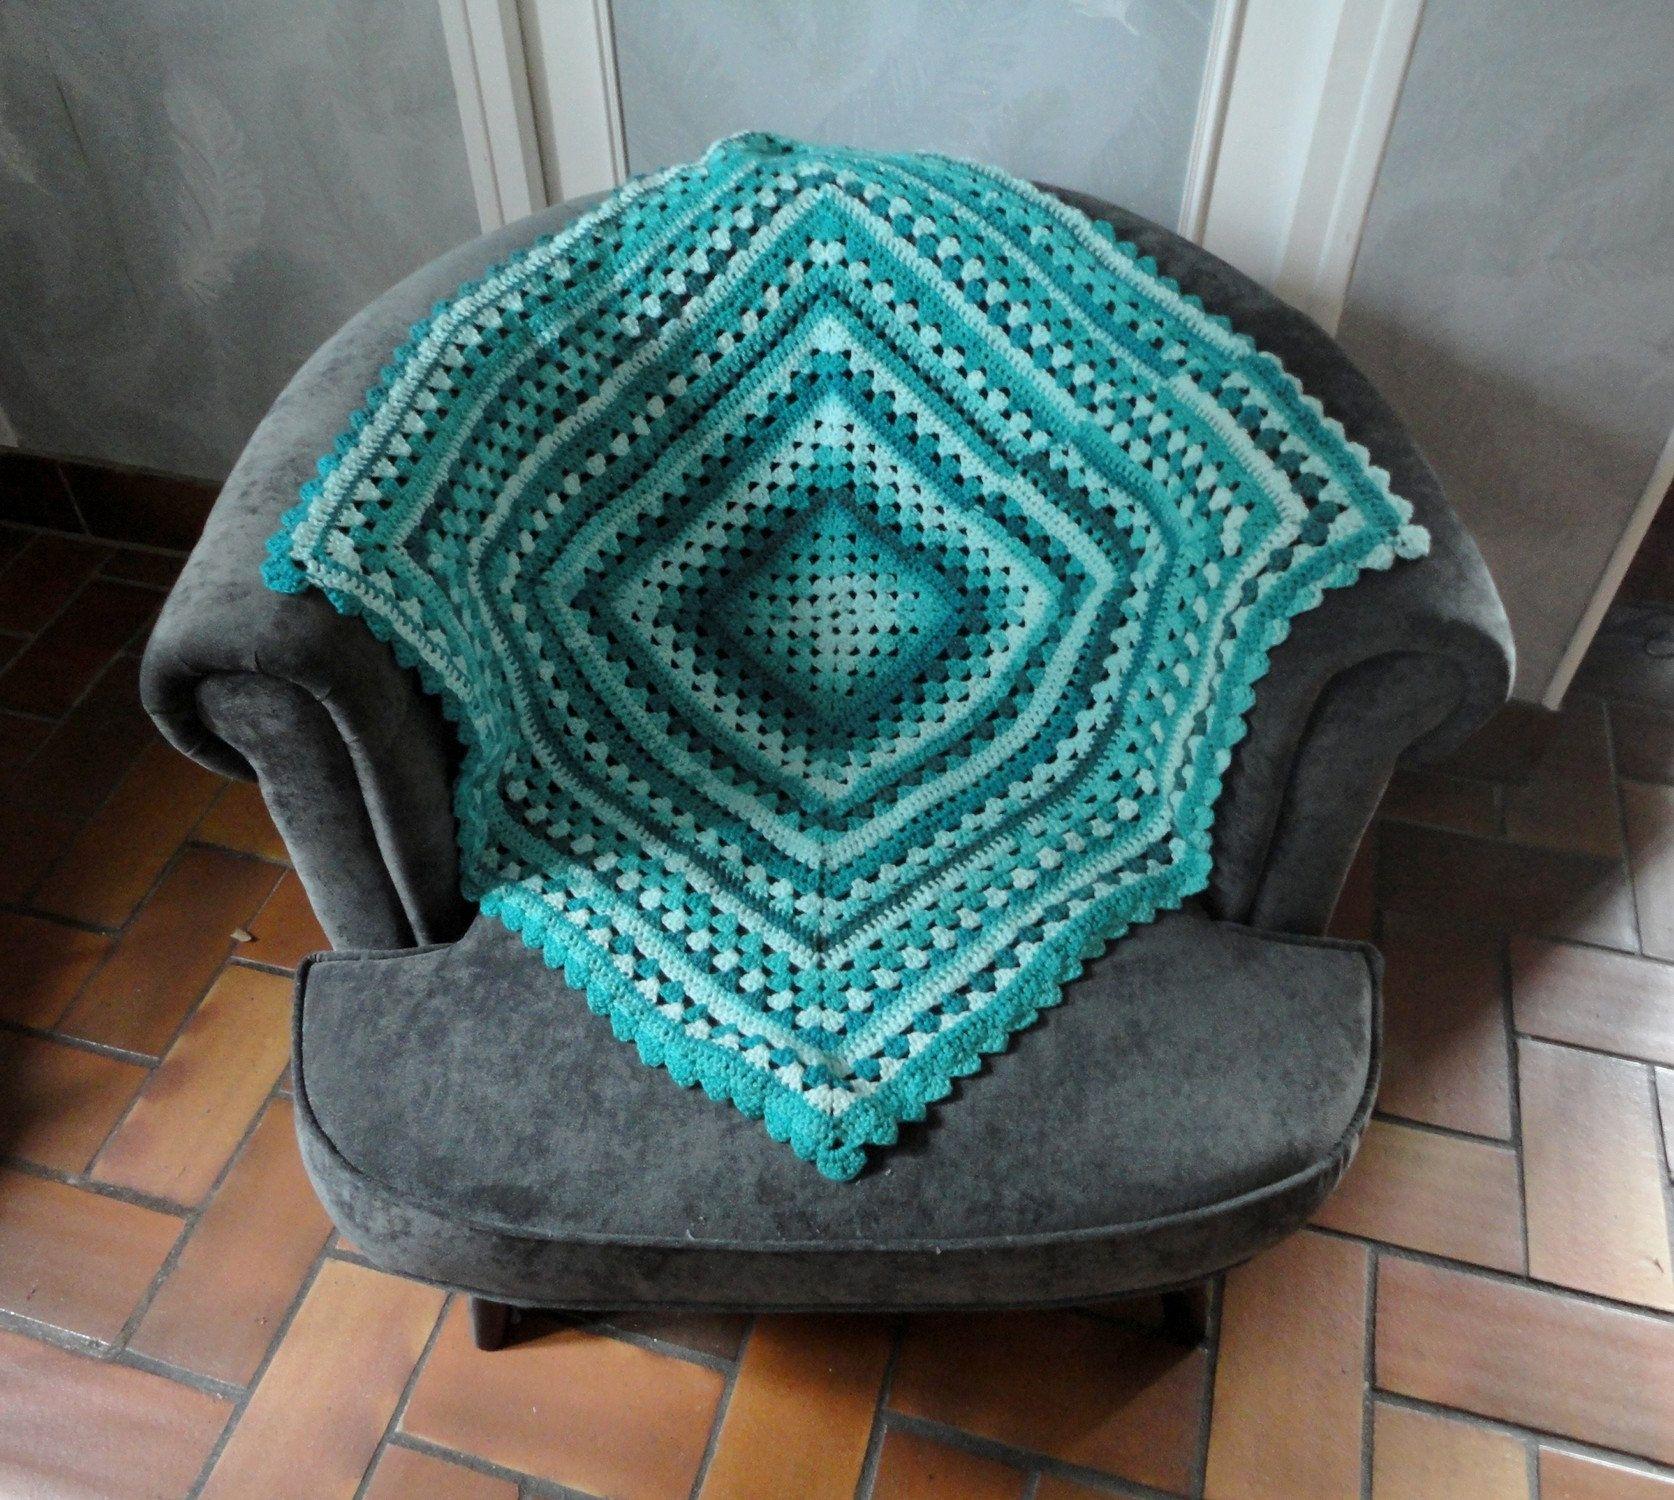 Plaid Au Crochet Bleu Turquoise Couverture Granny Dessus De Canape Carre Grand Mere Crochet Crochet Hats Crochet Blanket